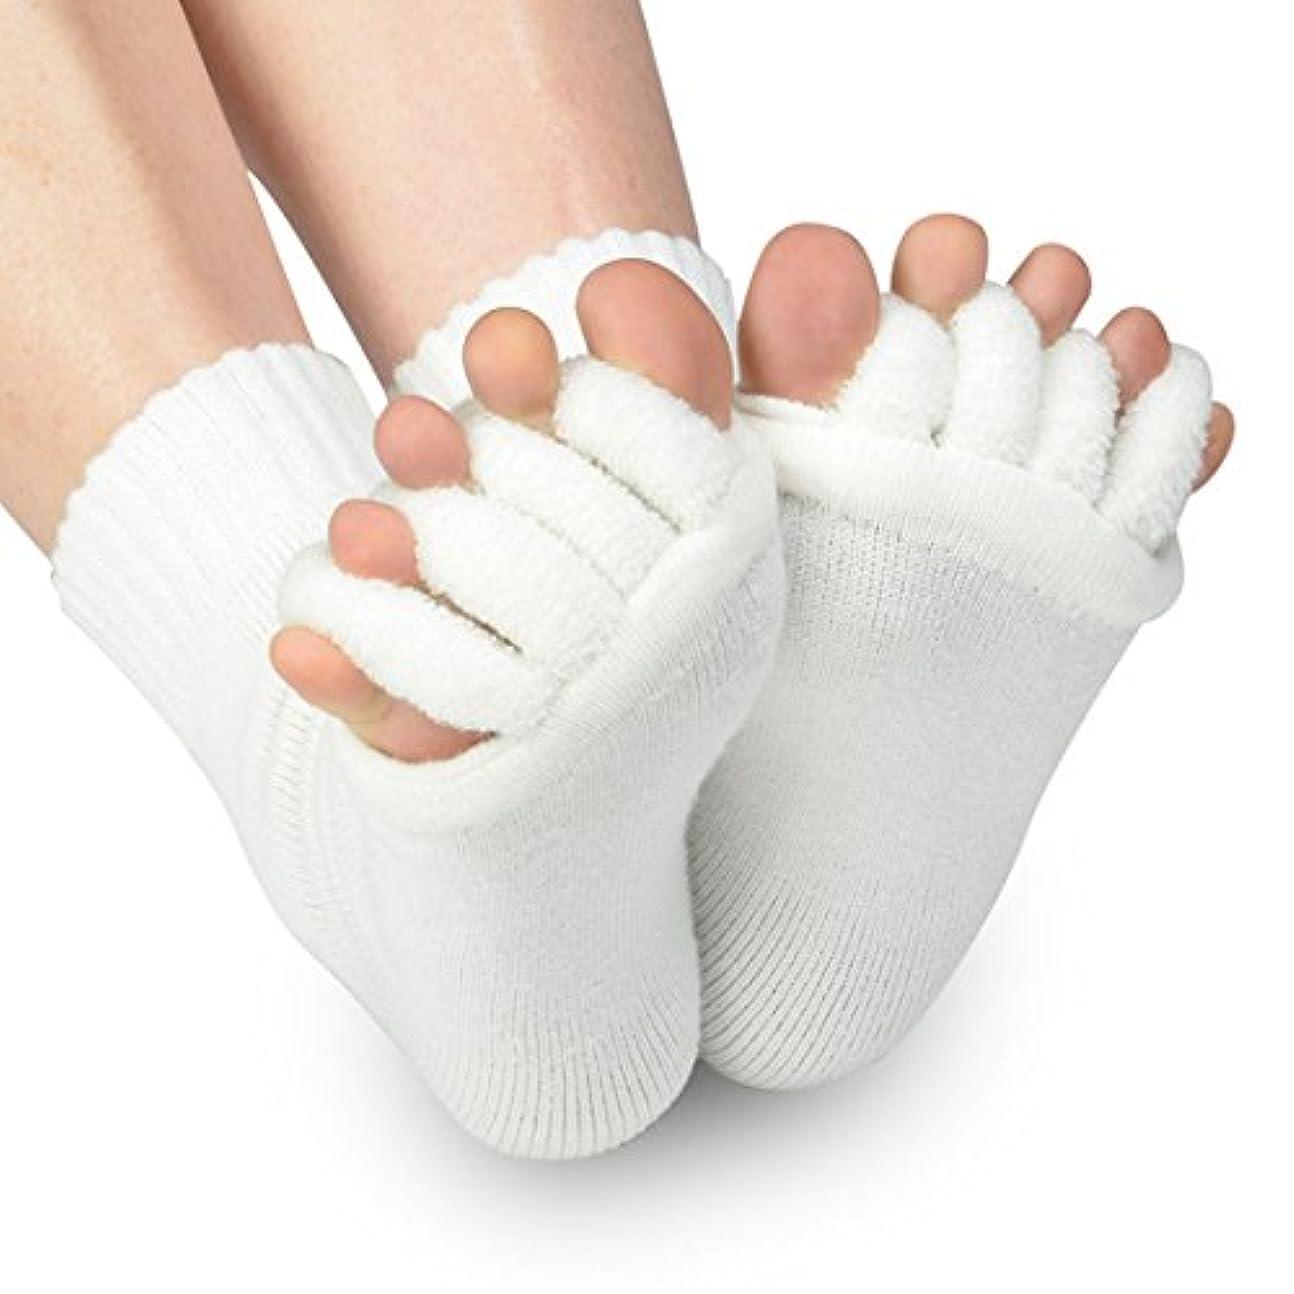 ポゴスティックジャンプ発言する有効化B-PING 靴下 足指開き綿混5本指ハーフソックス 血行不良からくる足のむくみを即解消 足指開き 足指全開 男女兼用 履くだけで癒される 偏平足 対策 むくみ解消